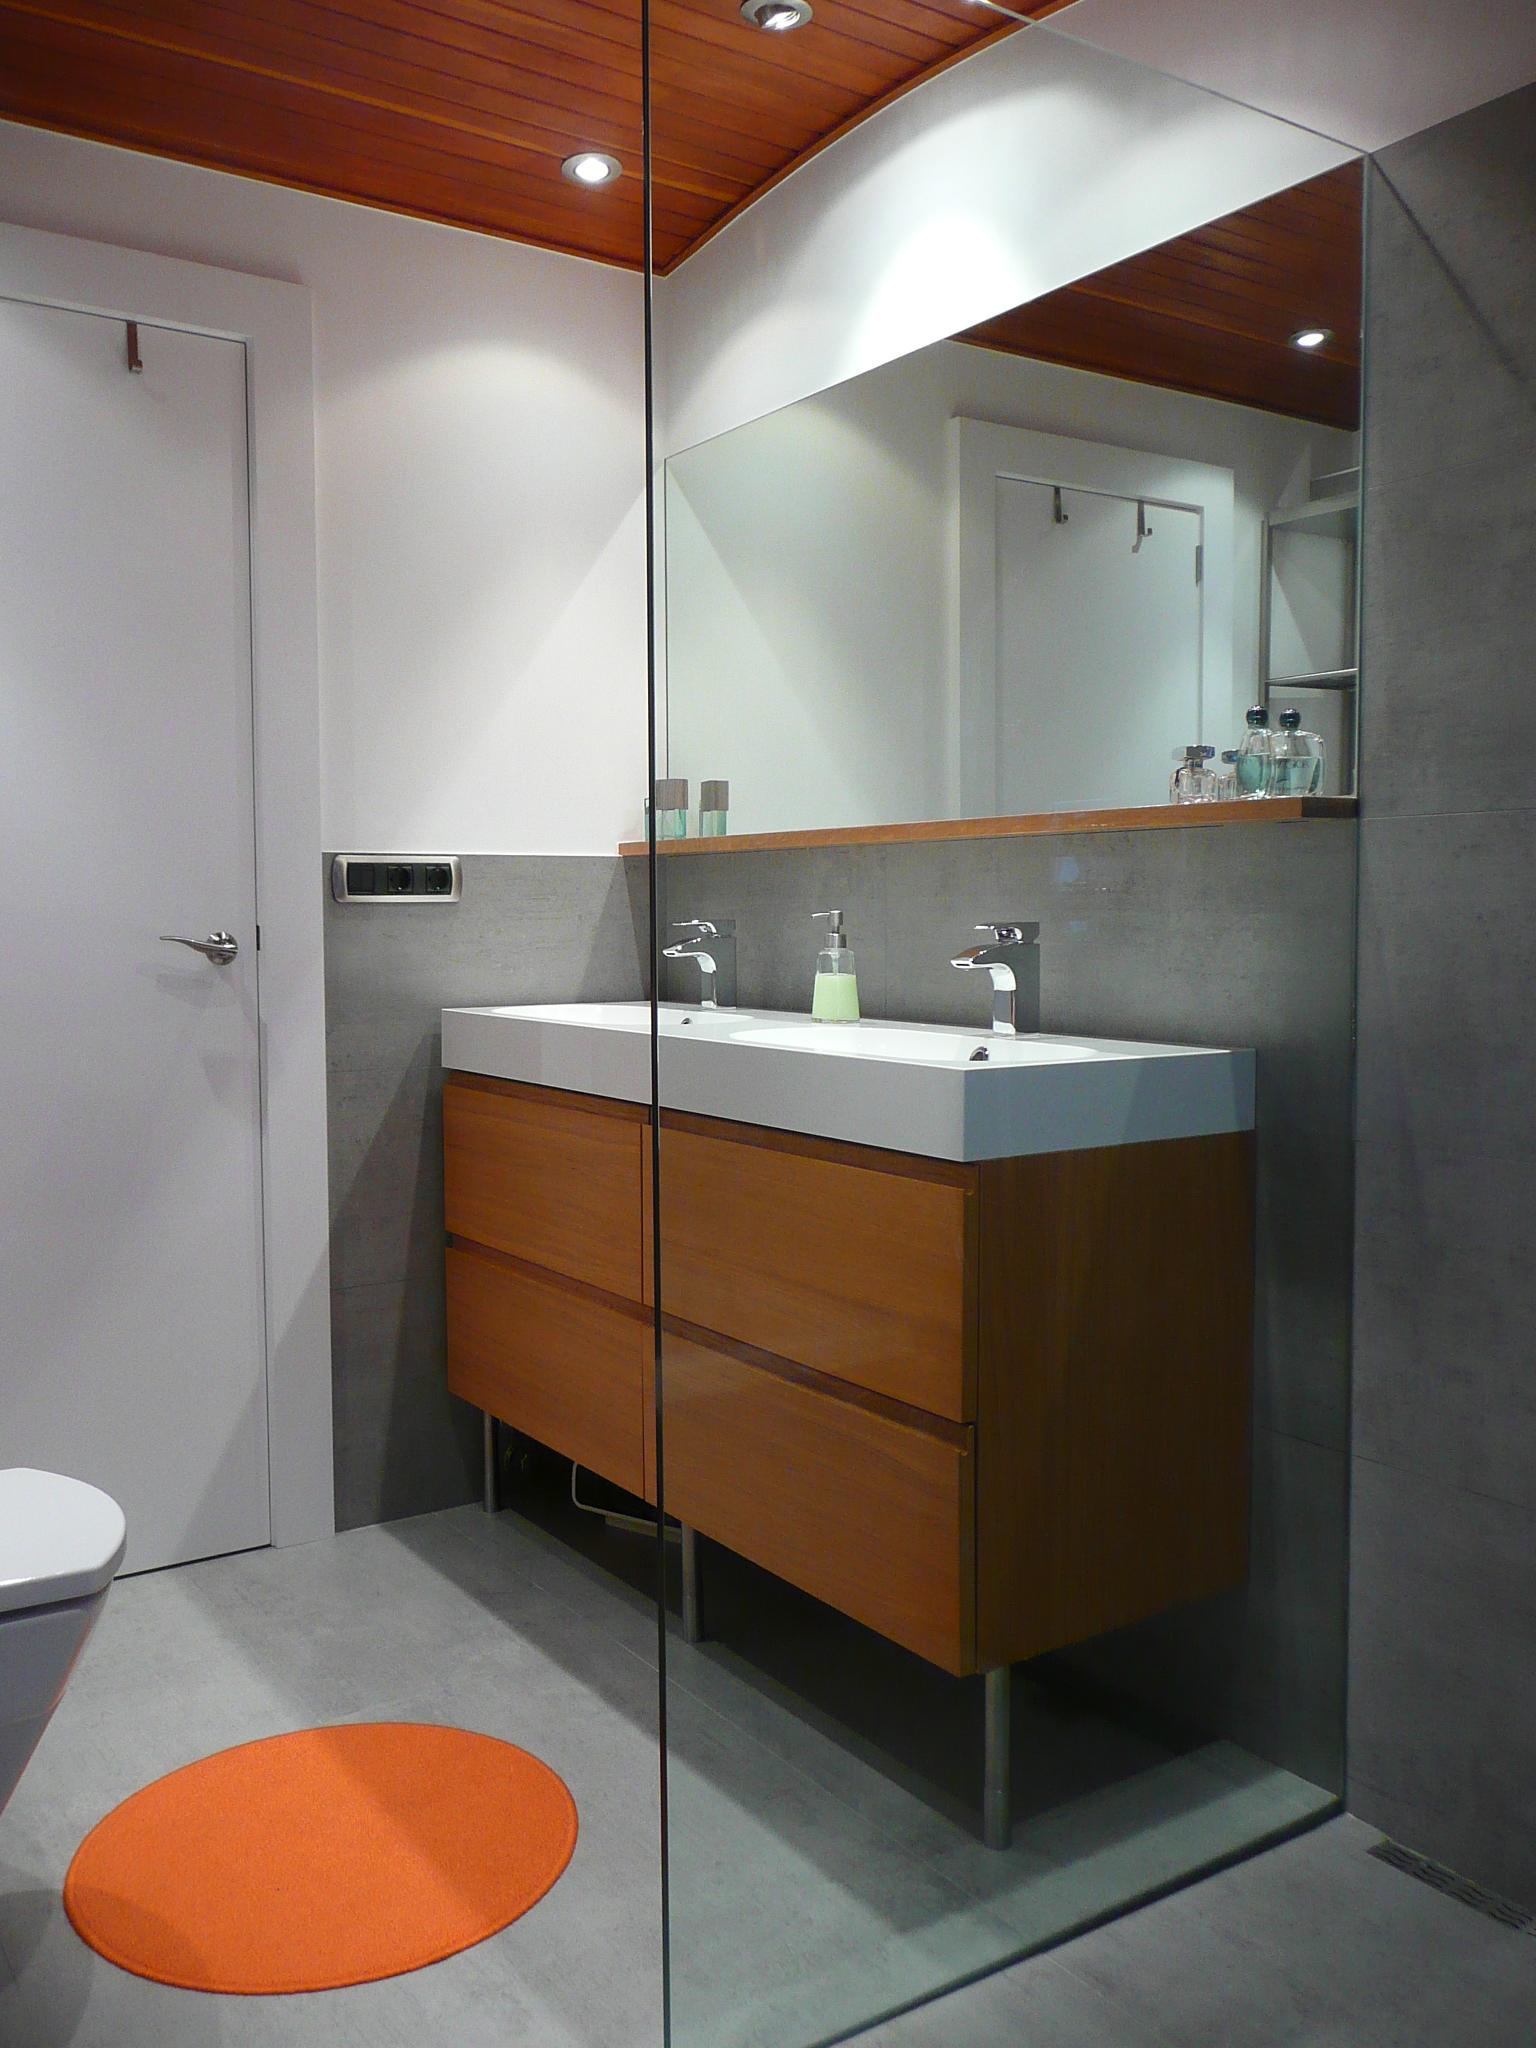 Reforma Baño Paso A Paso: el pasado verano Se trata de la reforma de un baño en un dúplex